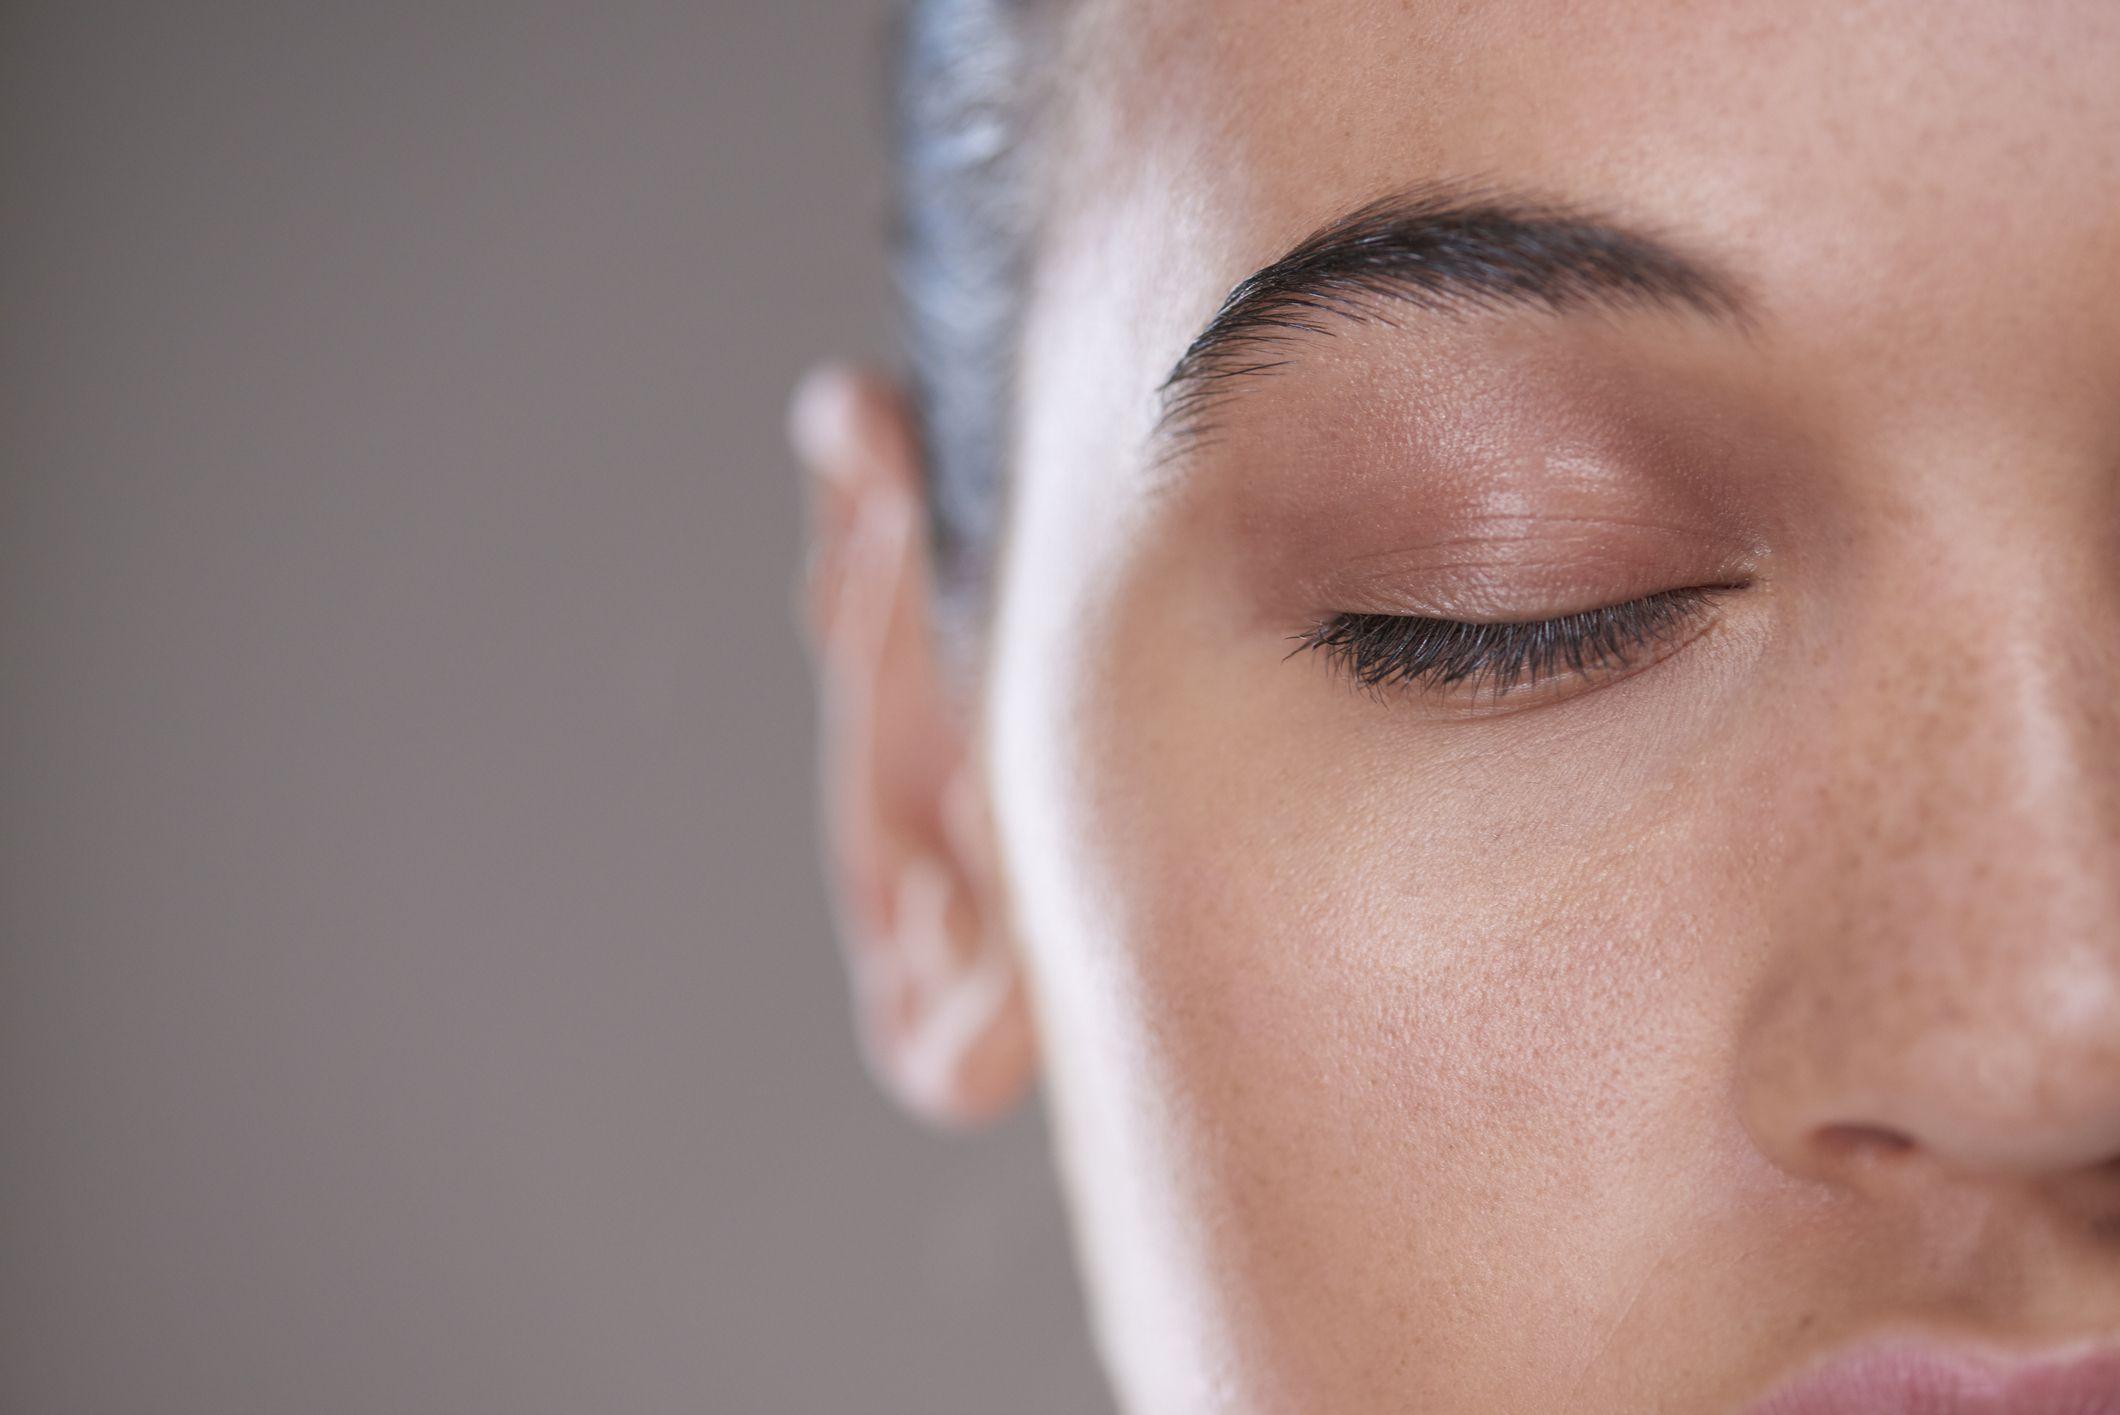 modalități de a pierde rapid grăsimea facială